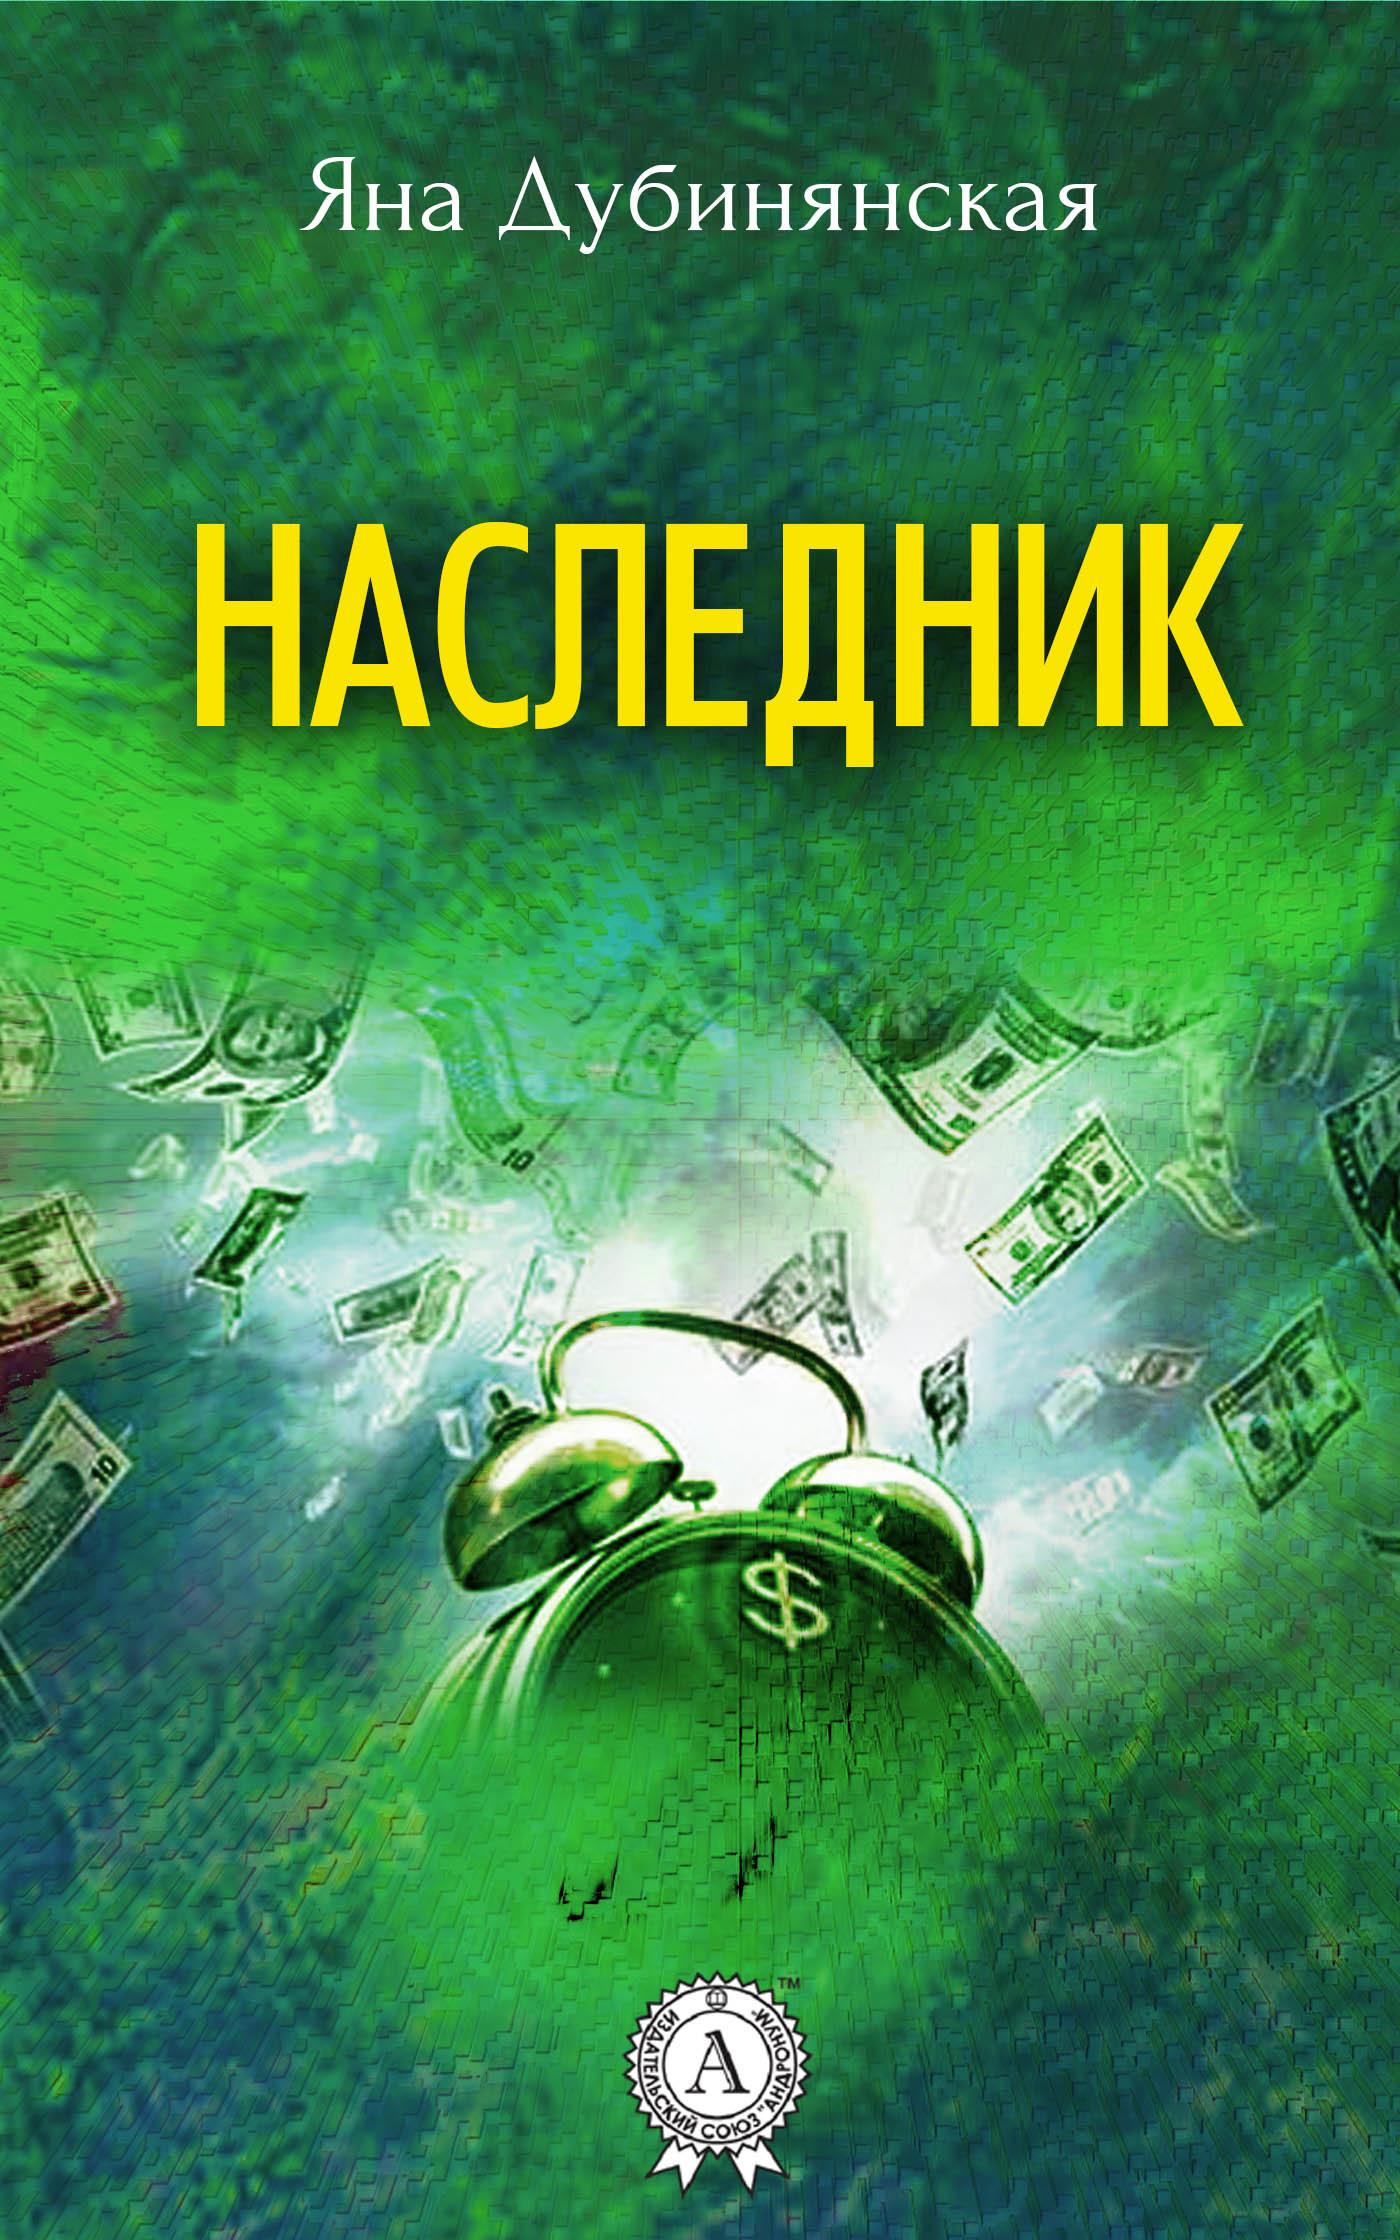 Обложка книги Наследник, автор Дубинянская, Яна